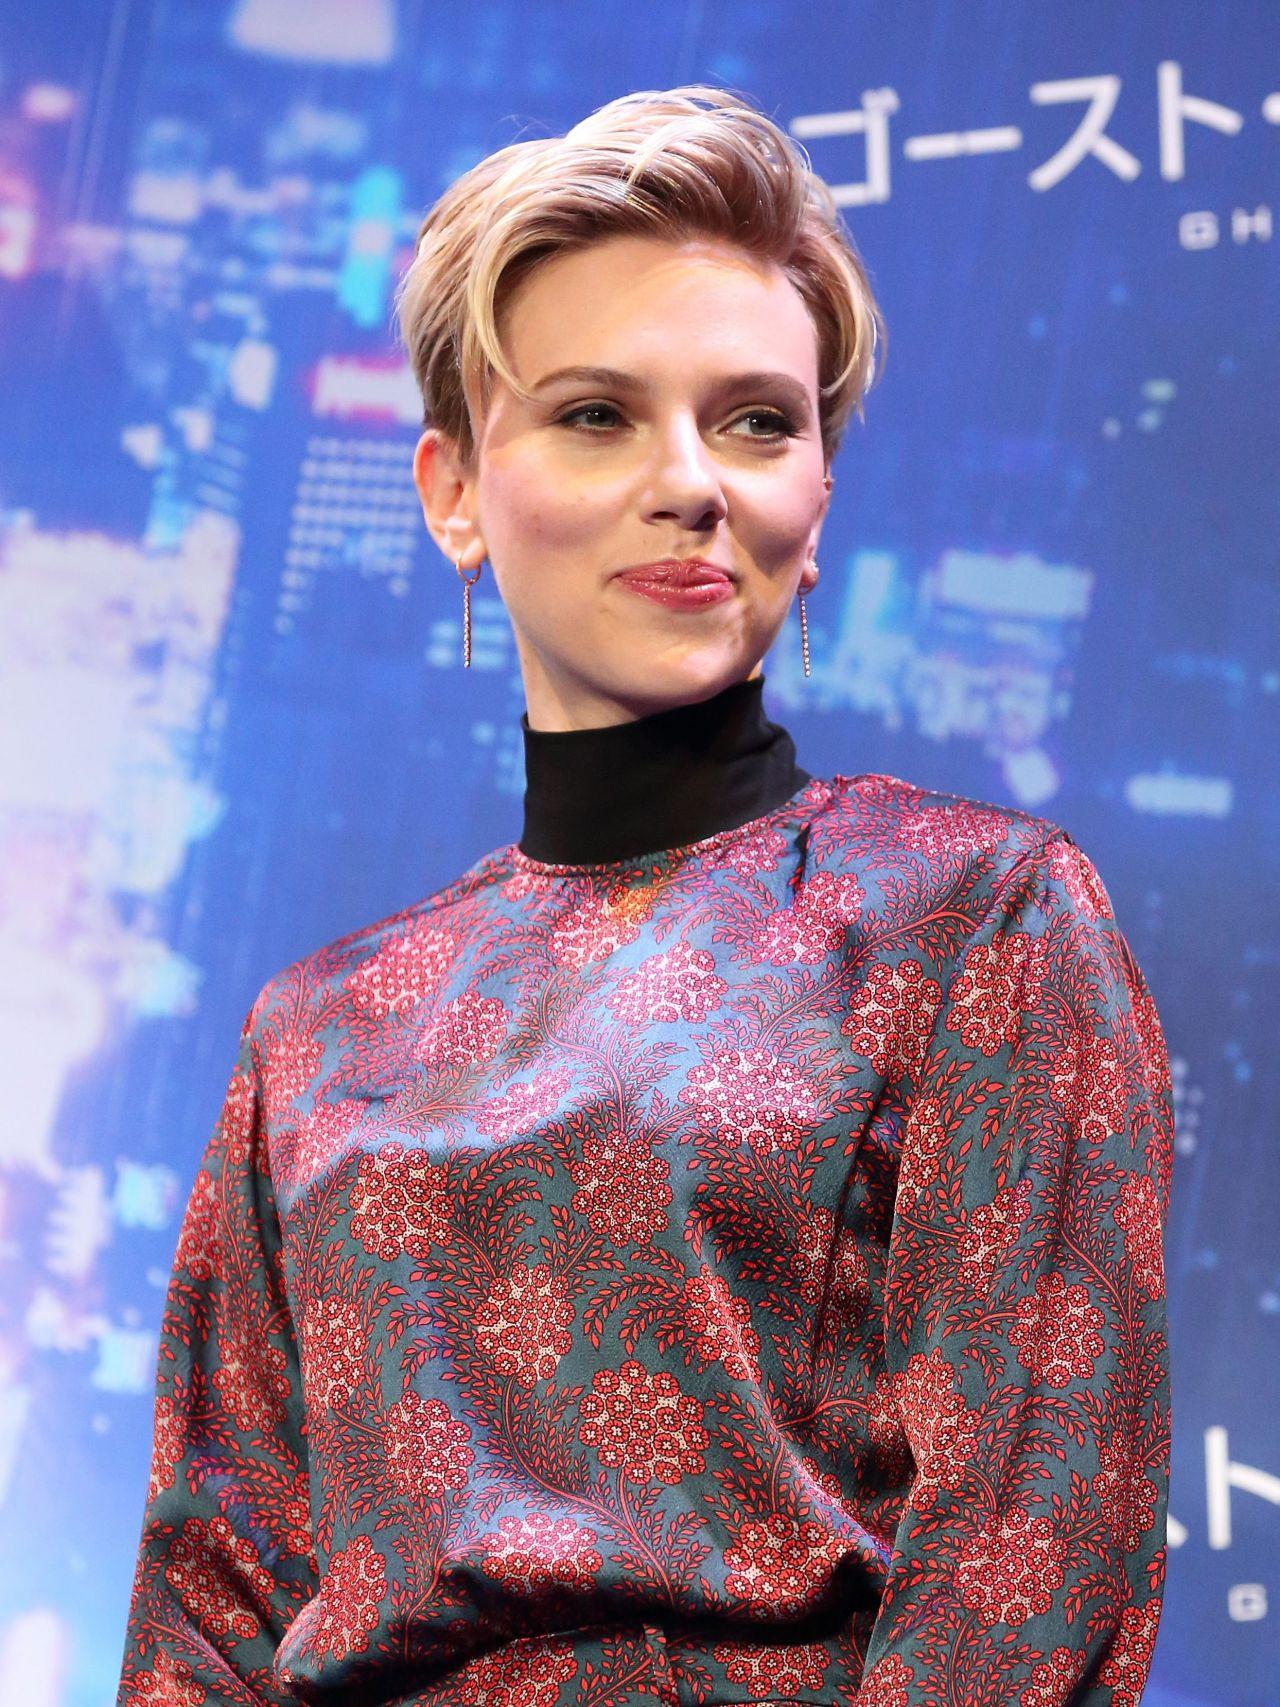 Scarlett Johansson Ghost In The Shell Premiere In Tokyo Japan 3